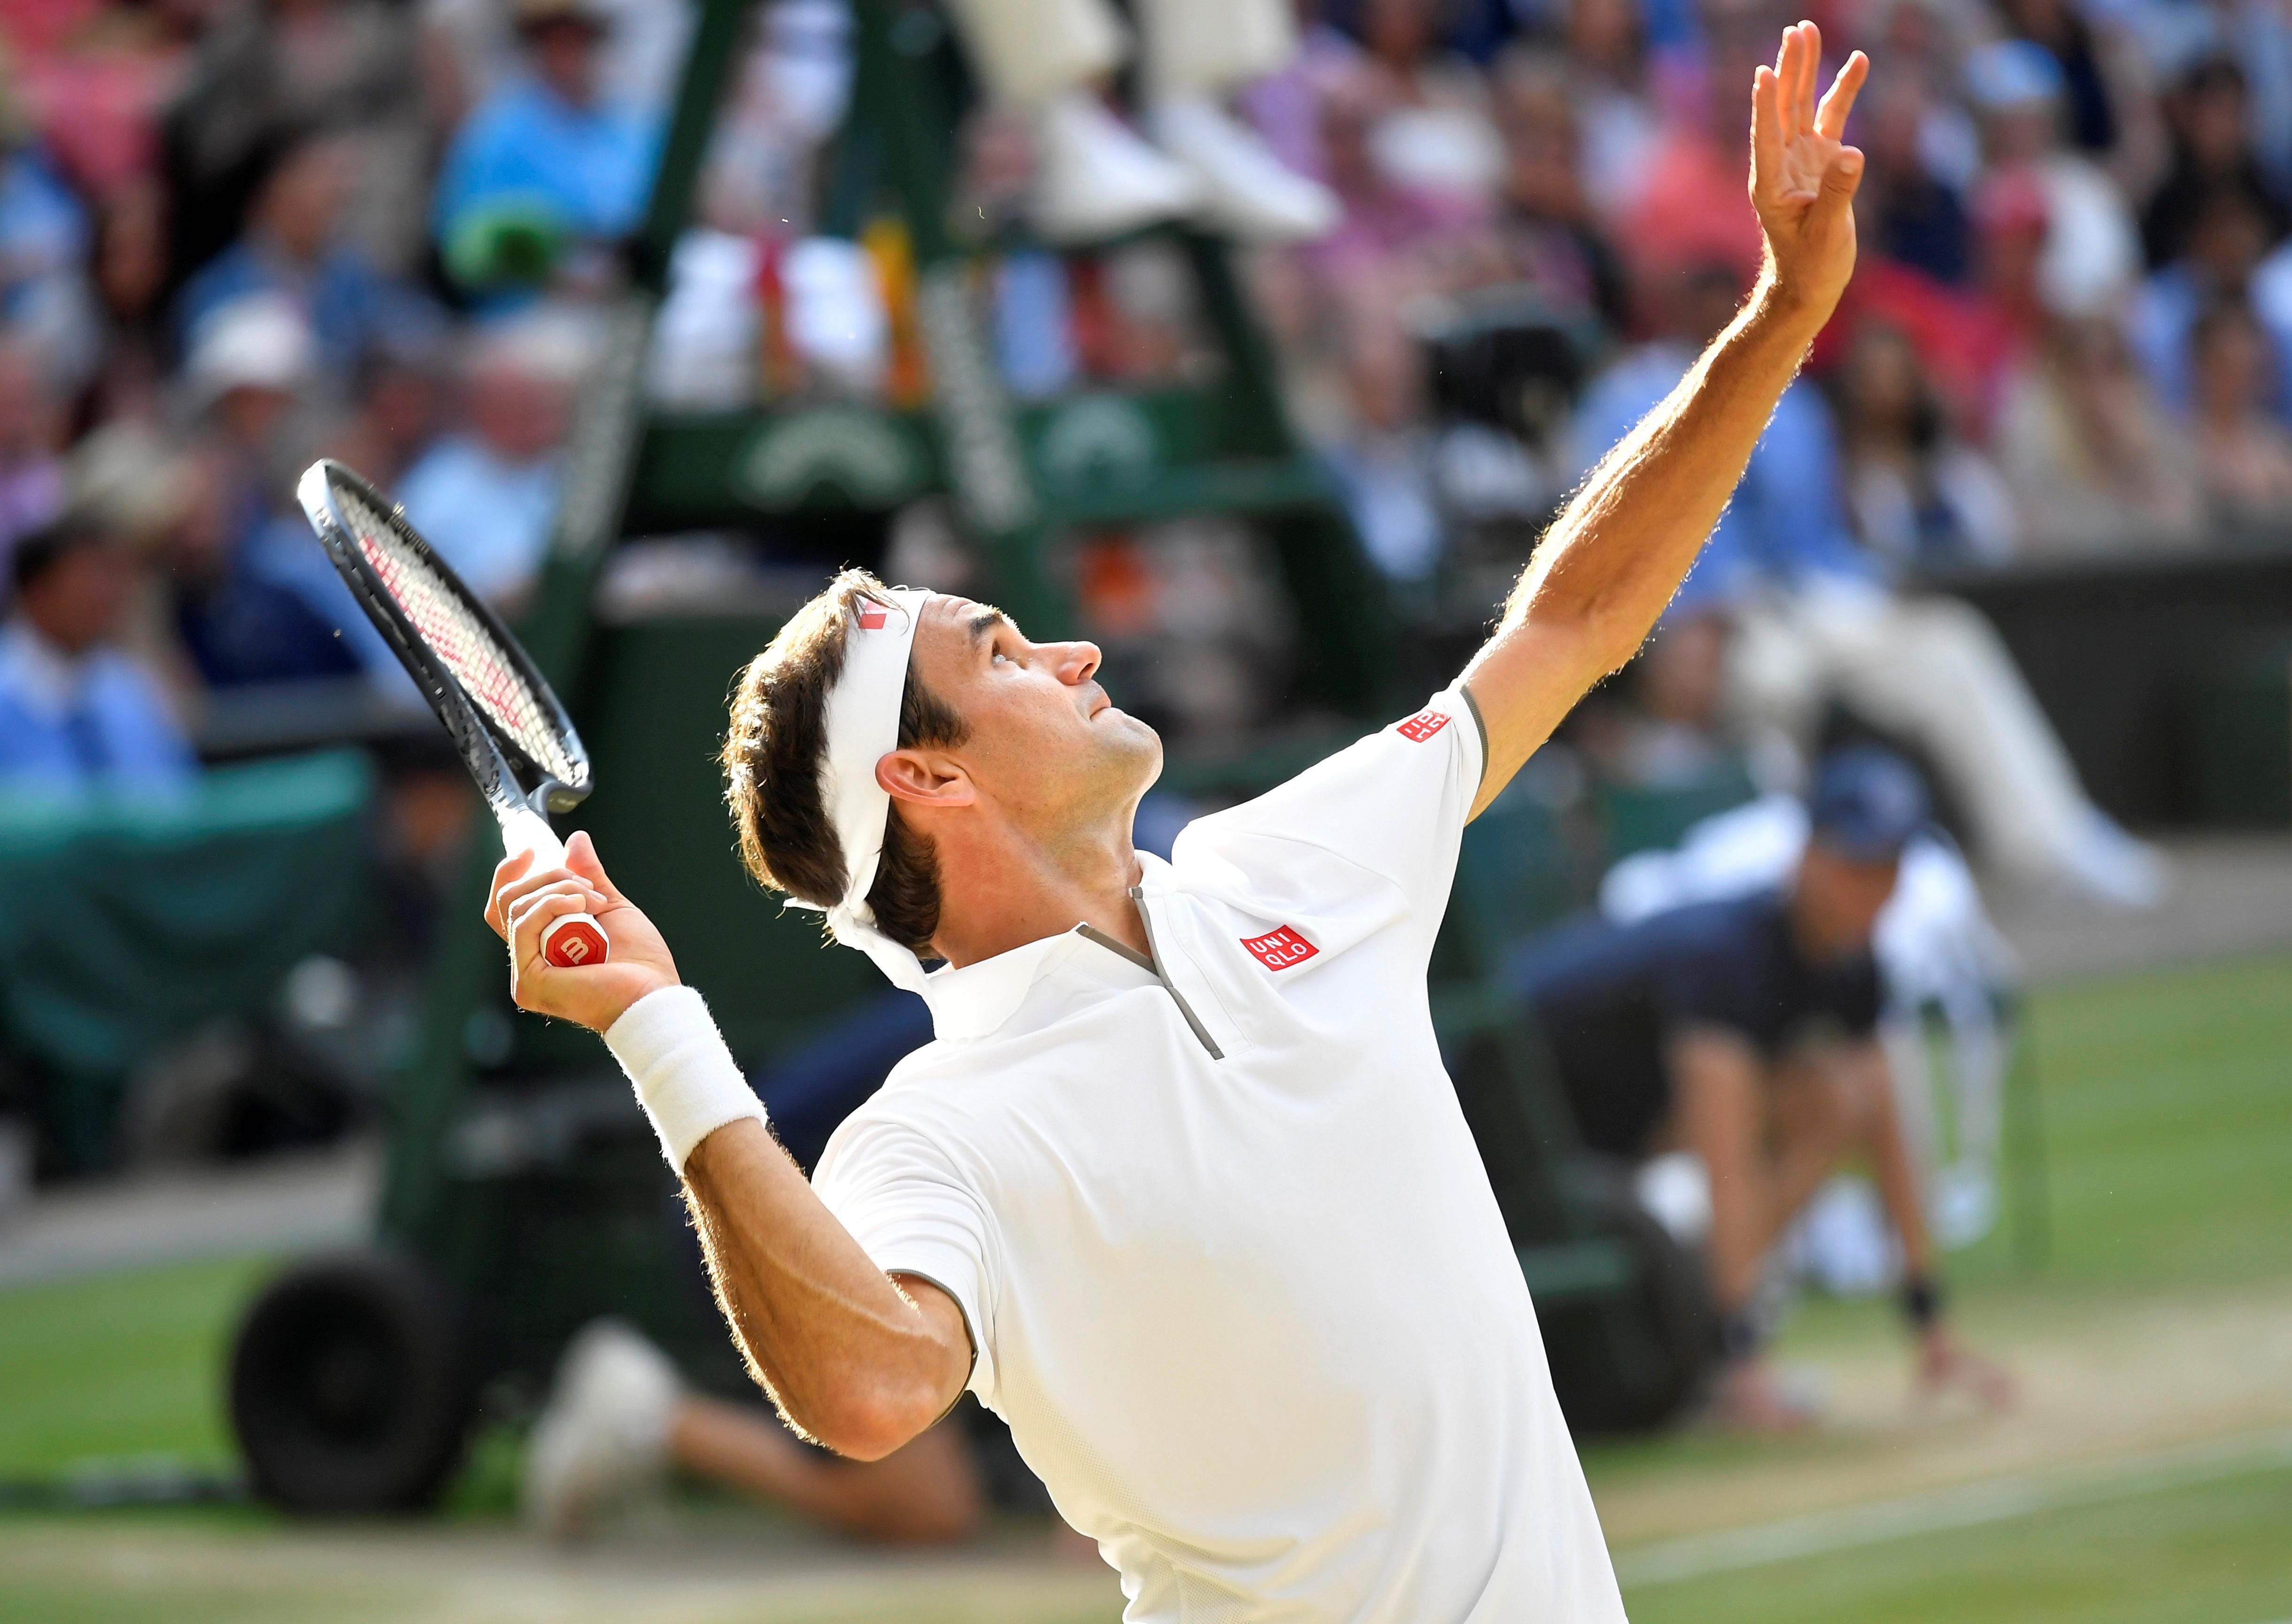 Djokovic bat Federer dans l'épopée de Wimbledon pour remporter son cinquième titre